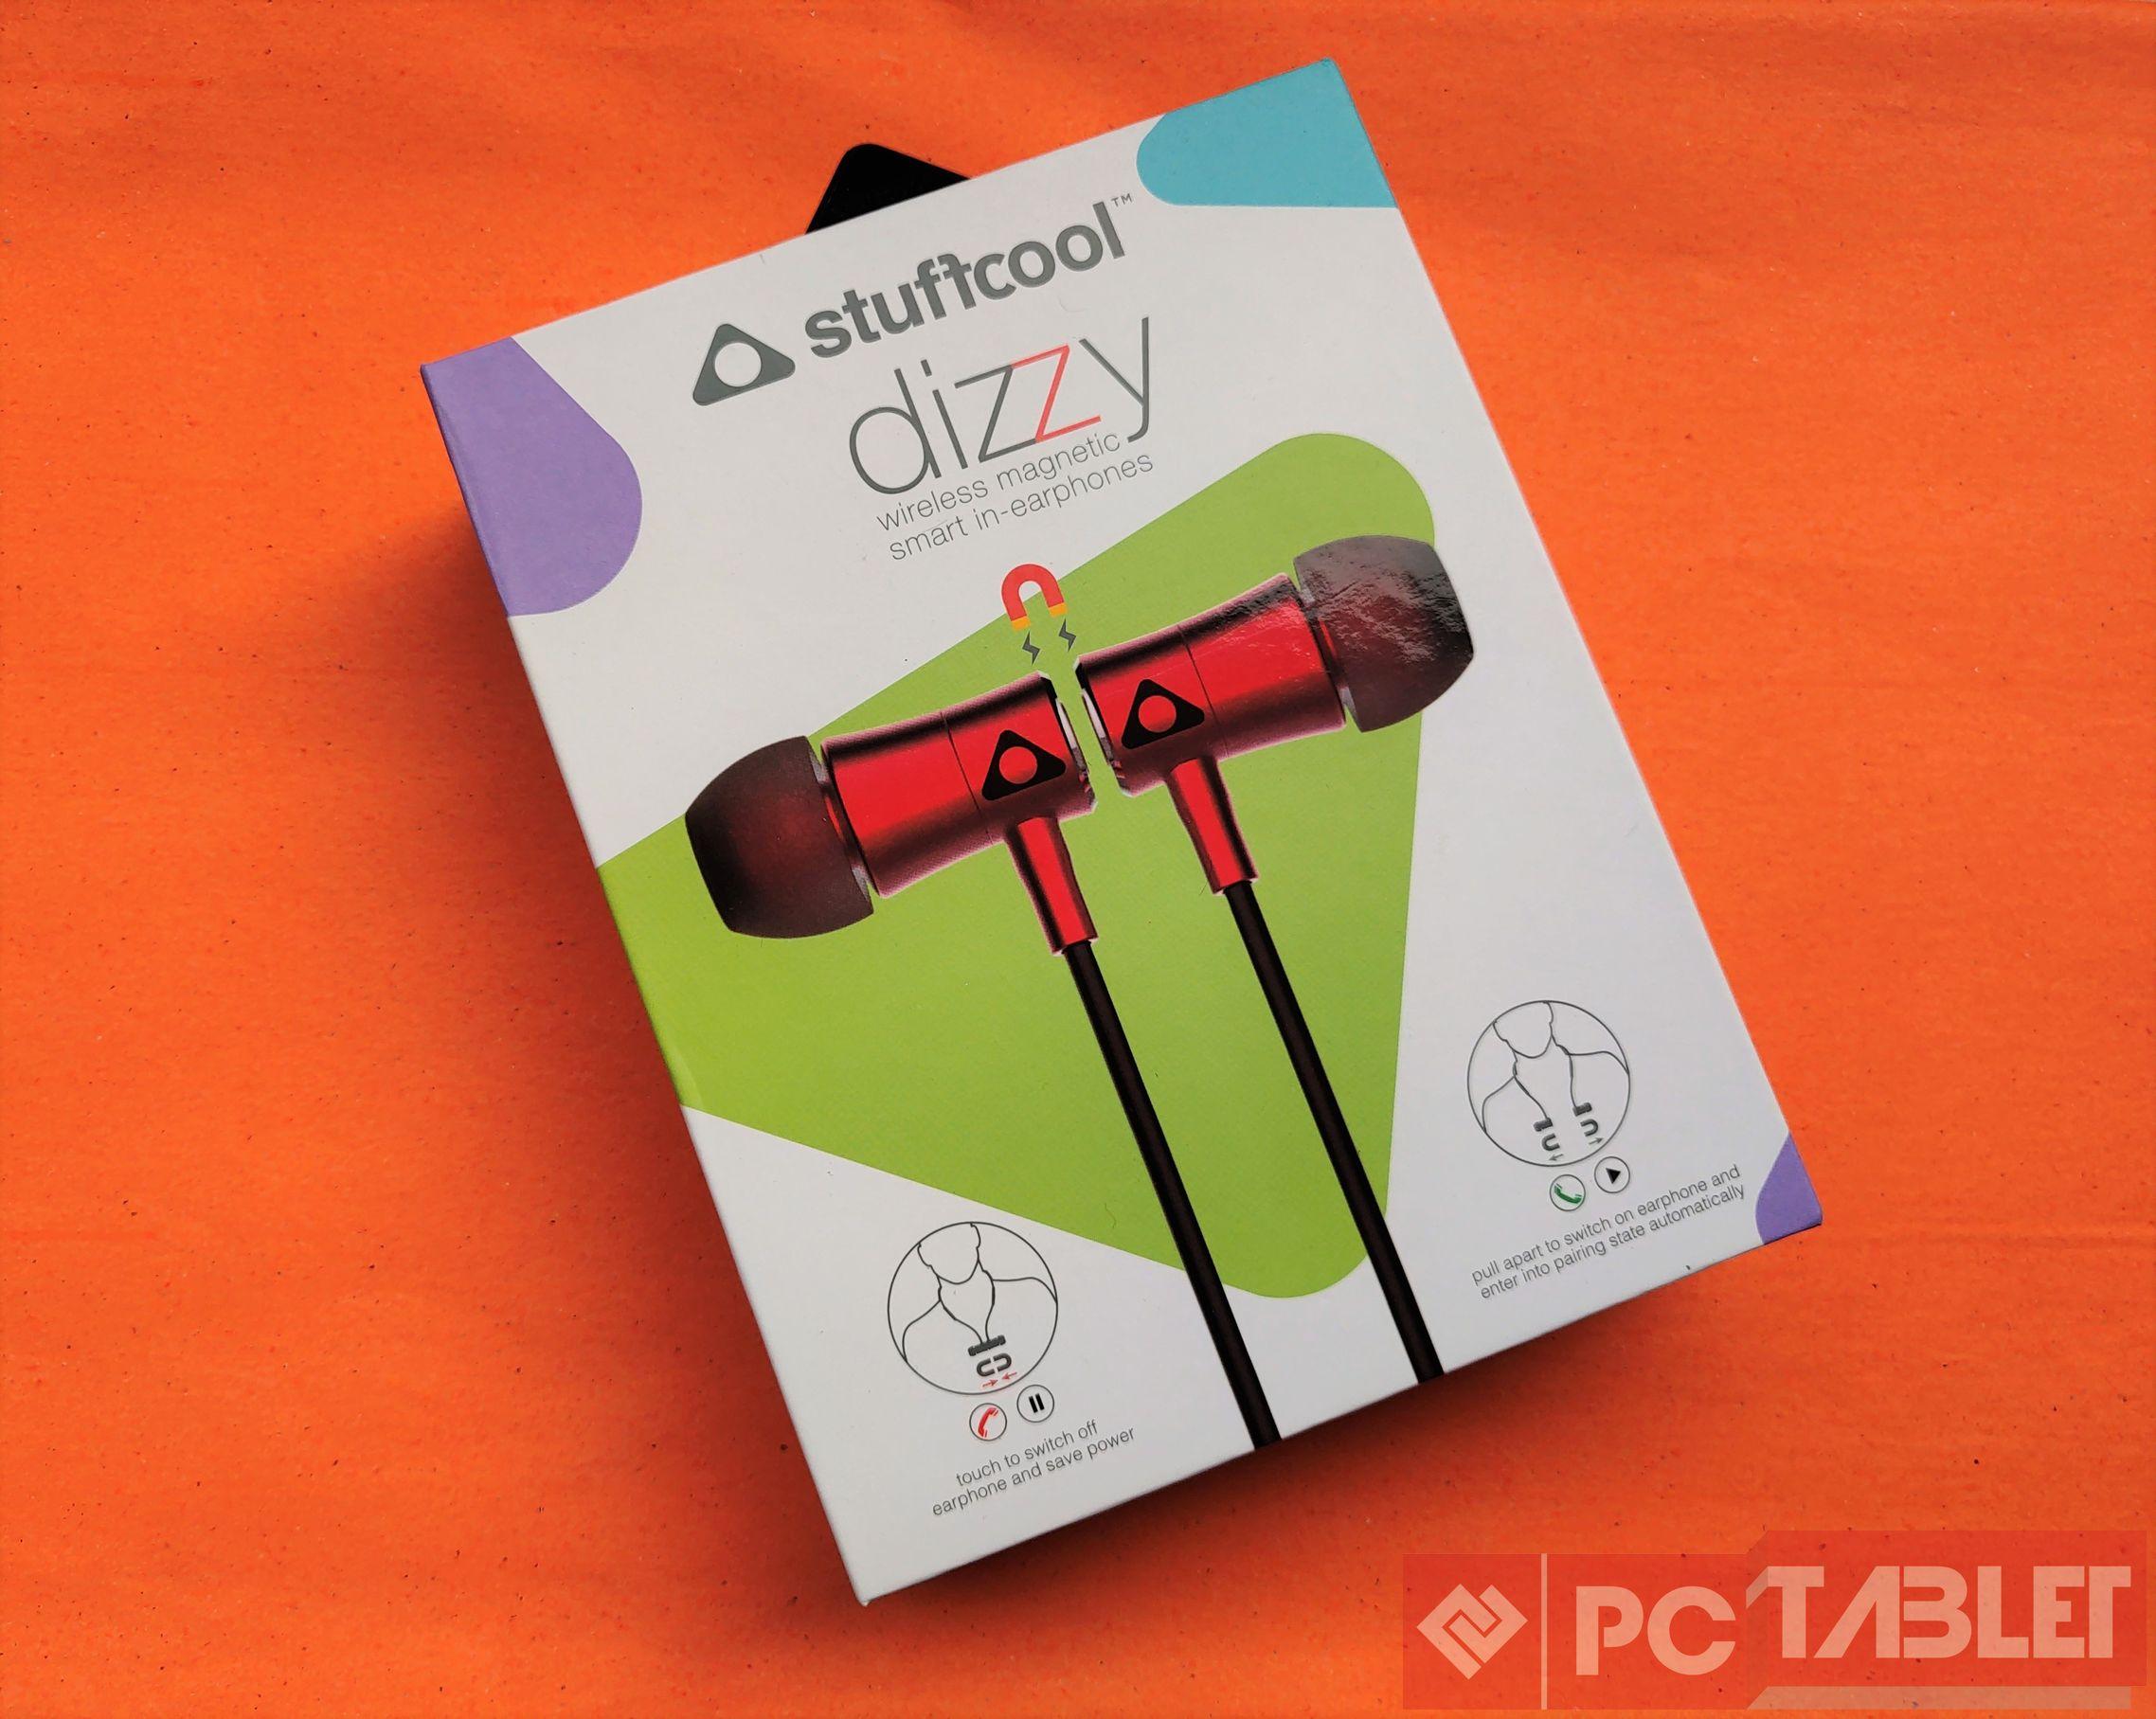 Stuffcoll Dizzy earphones 1